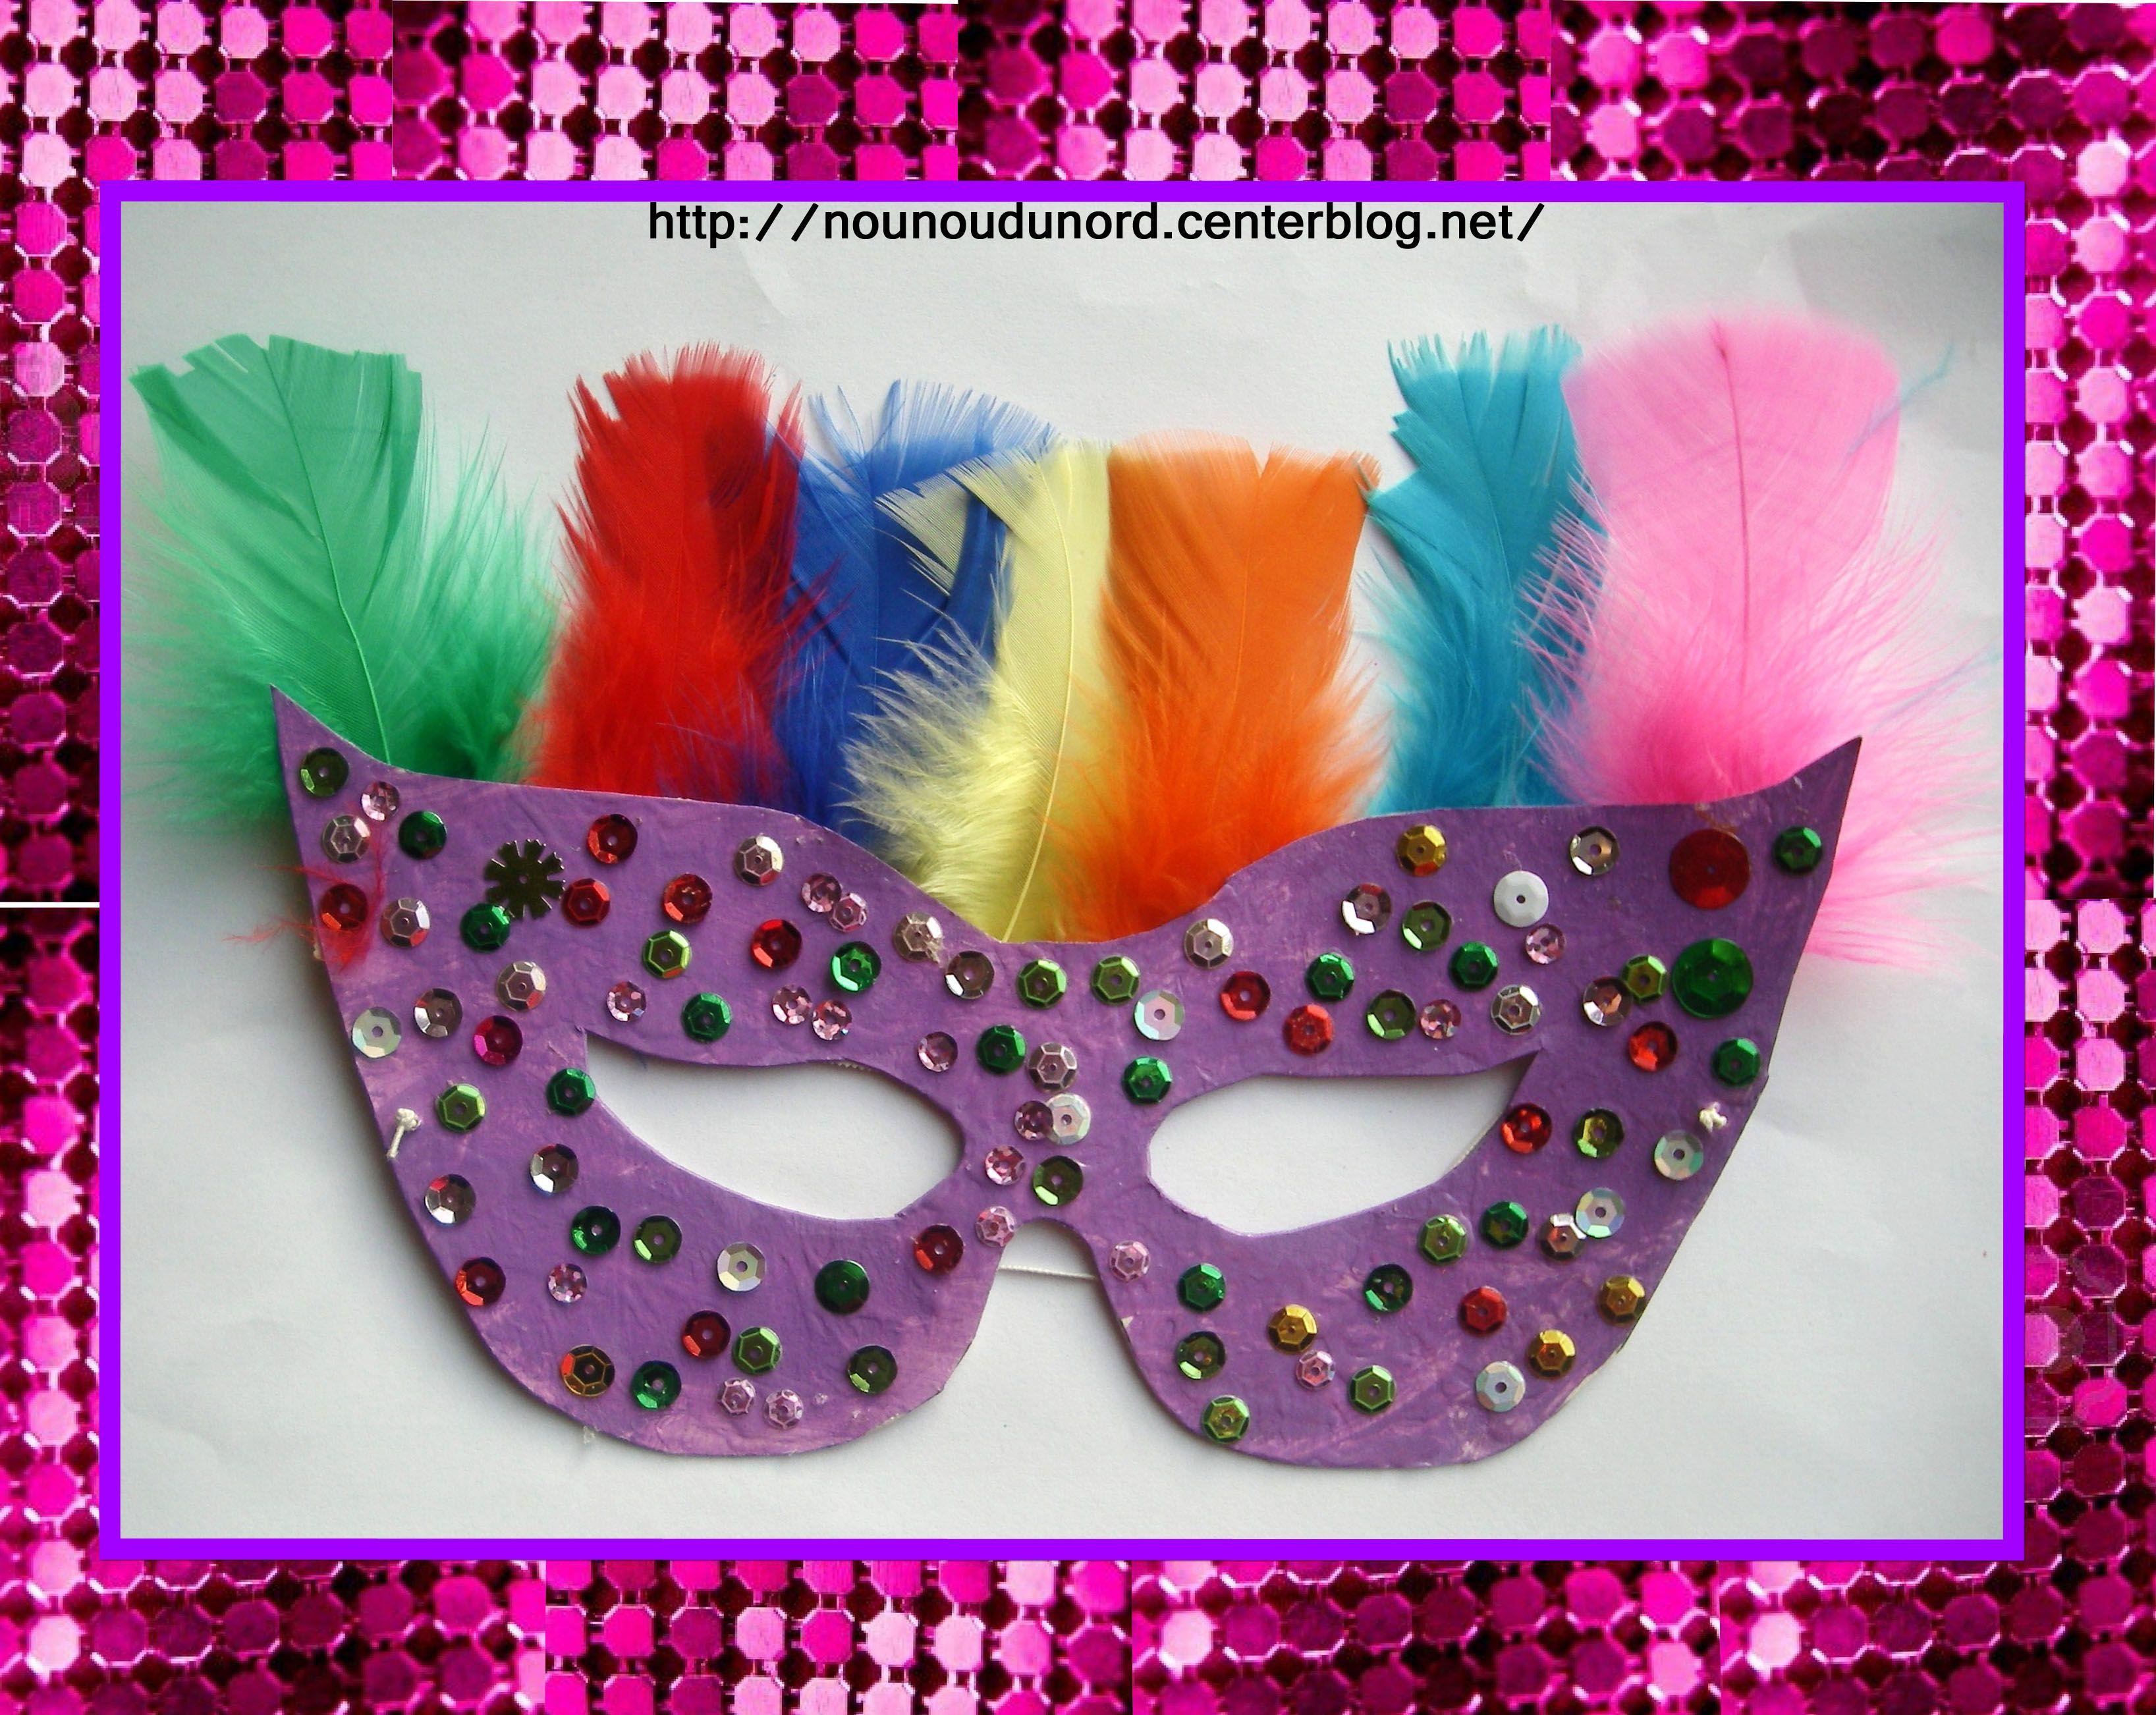 Masque loup violet paillettes et plumes f vrier 2013 - Masque loup a imprimer ...